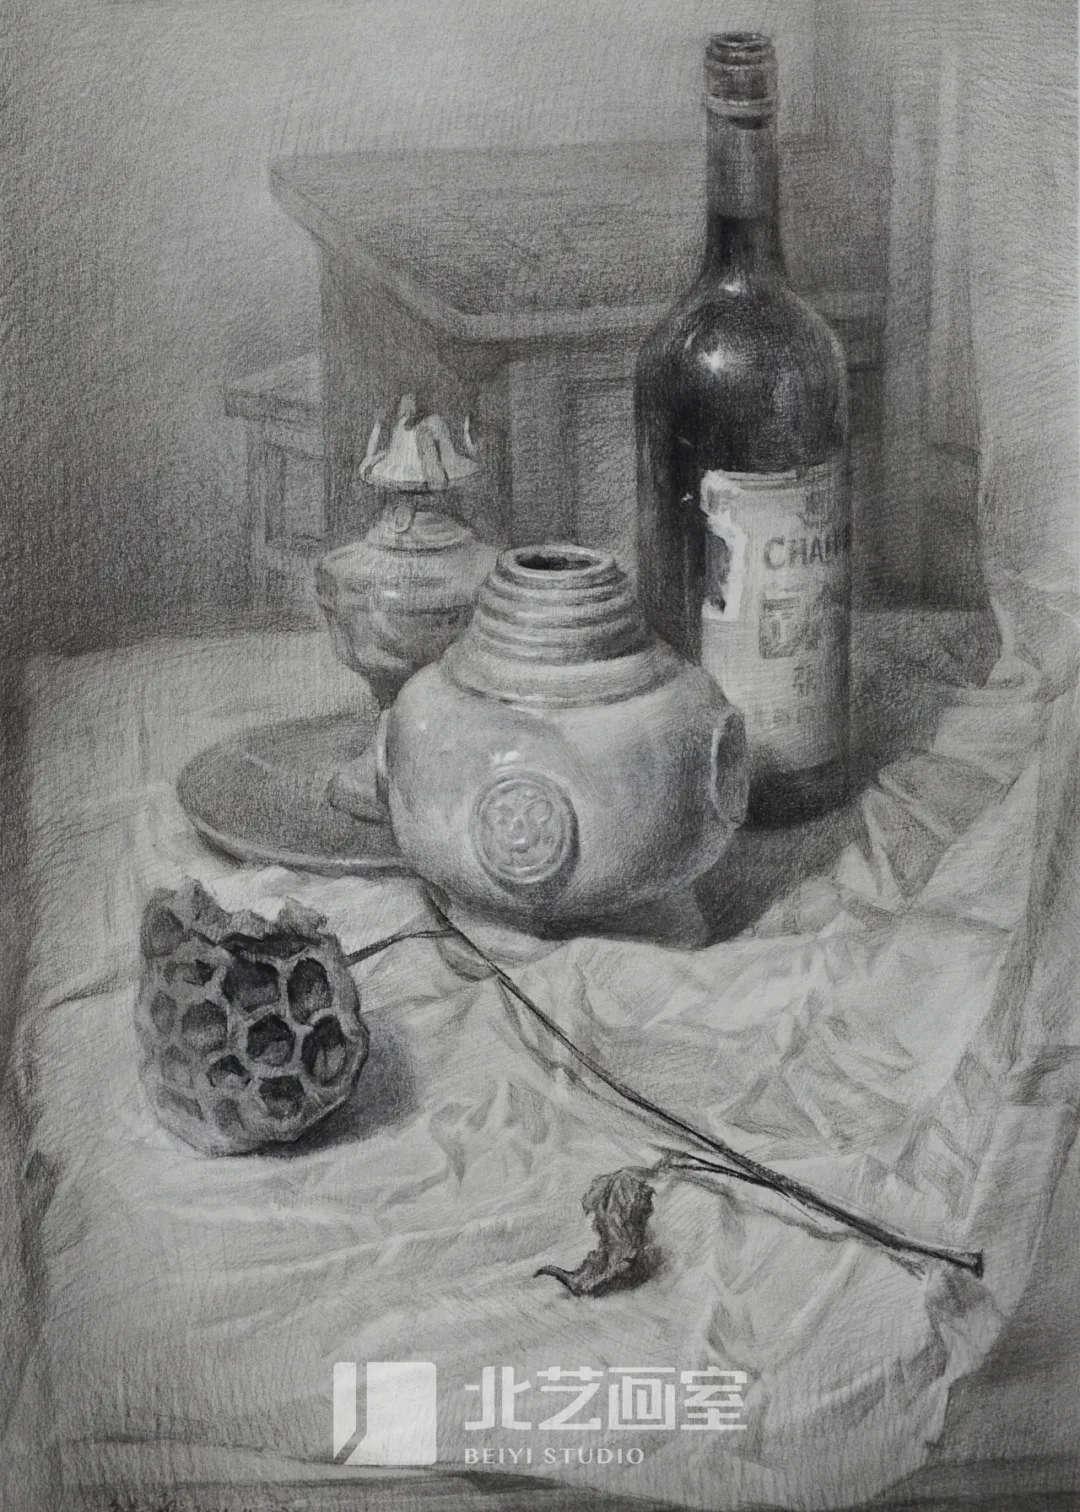 素描静物——莲蓬、红酒瓶、罐子组合训练作品